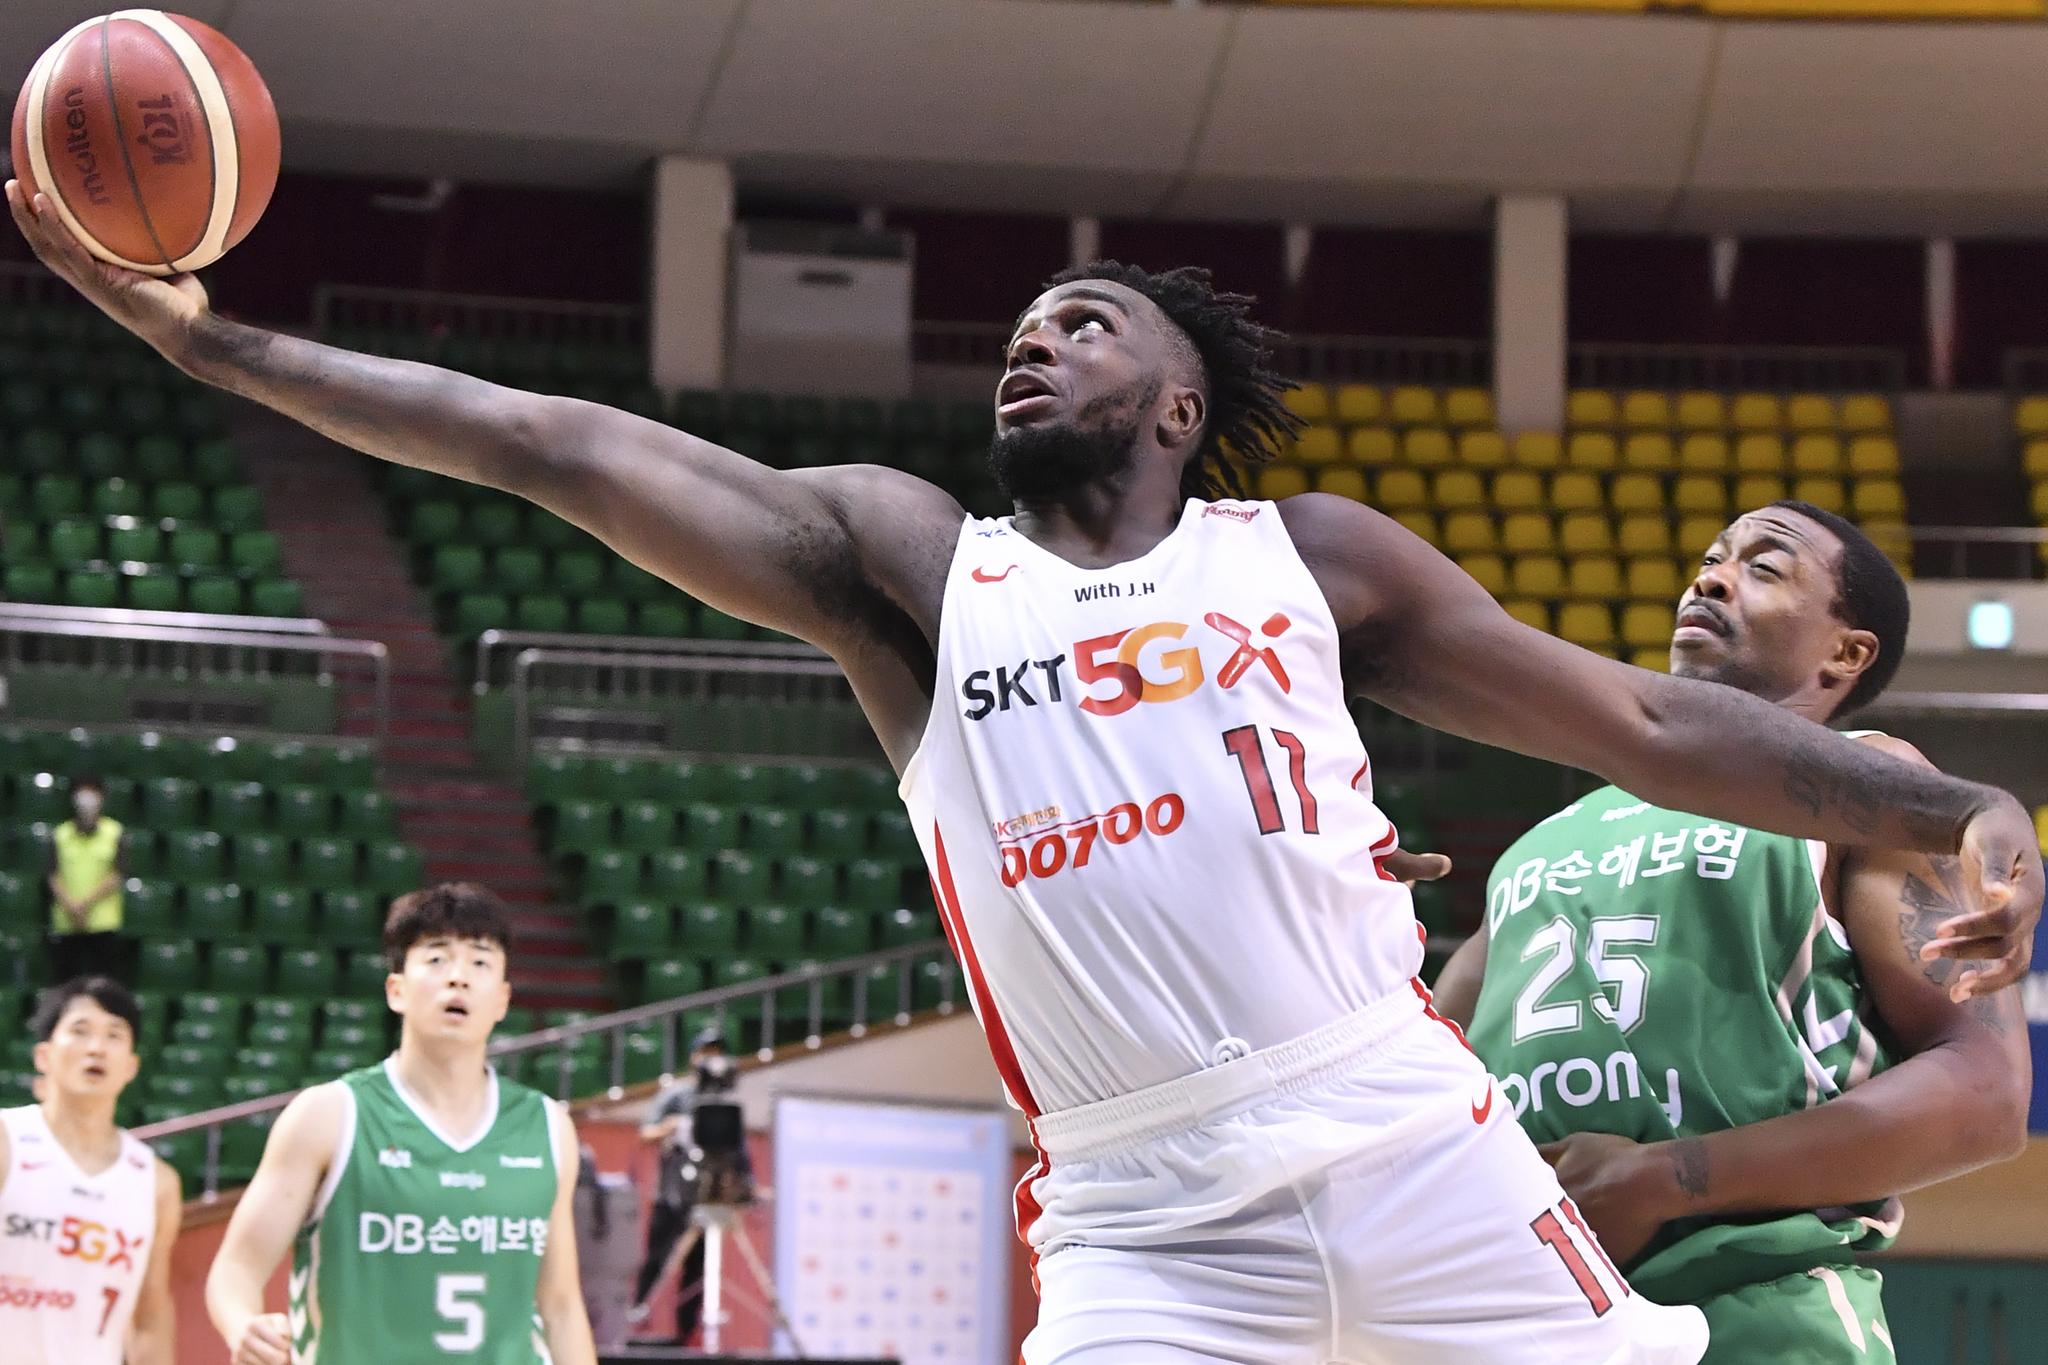 프로농구 서울 SK 워니가 23일 DB전에서 30점을 몰아치며 승리를 이끌었다. [사진 KBL]